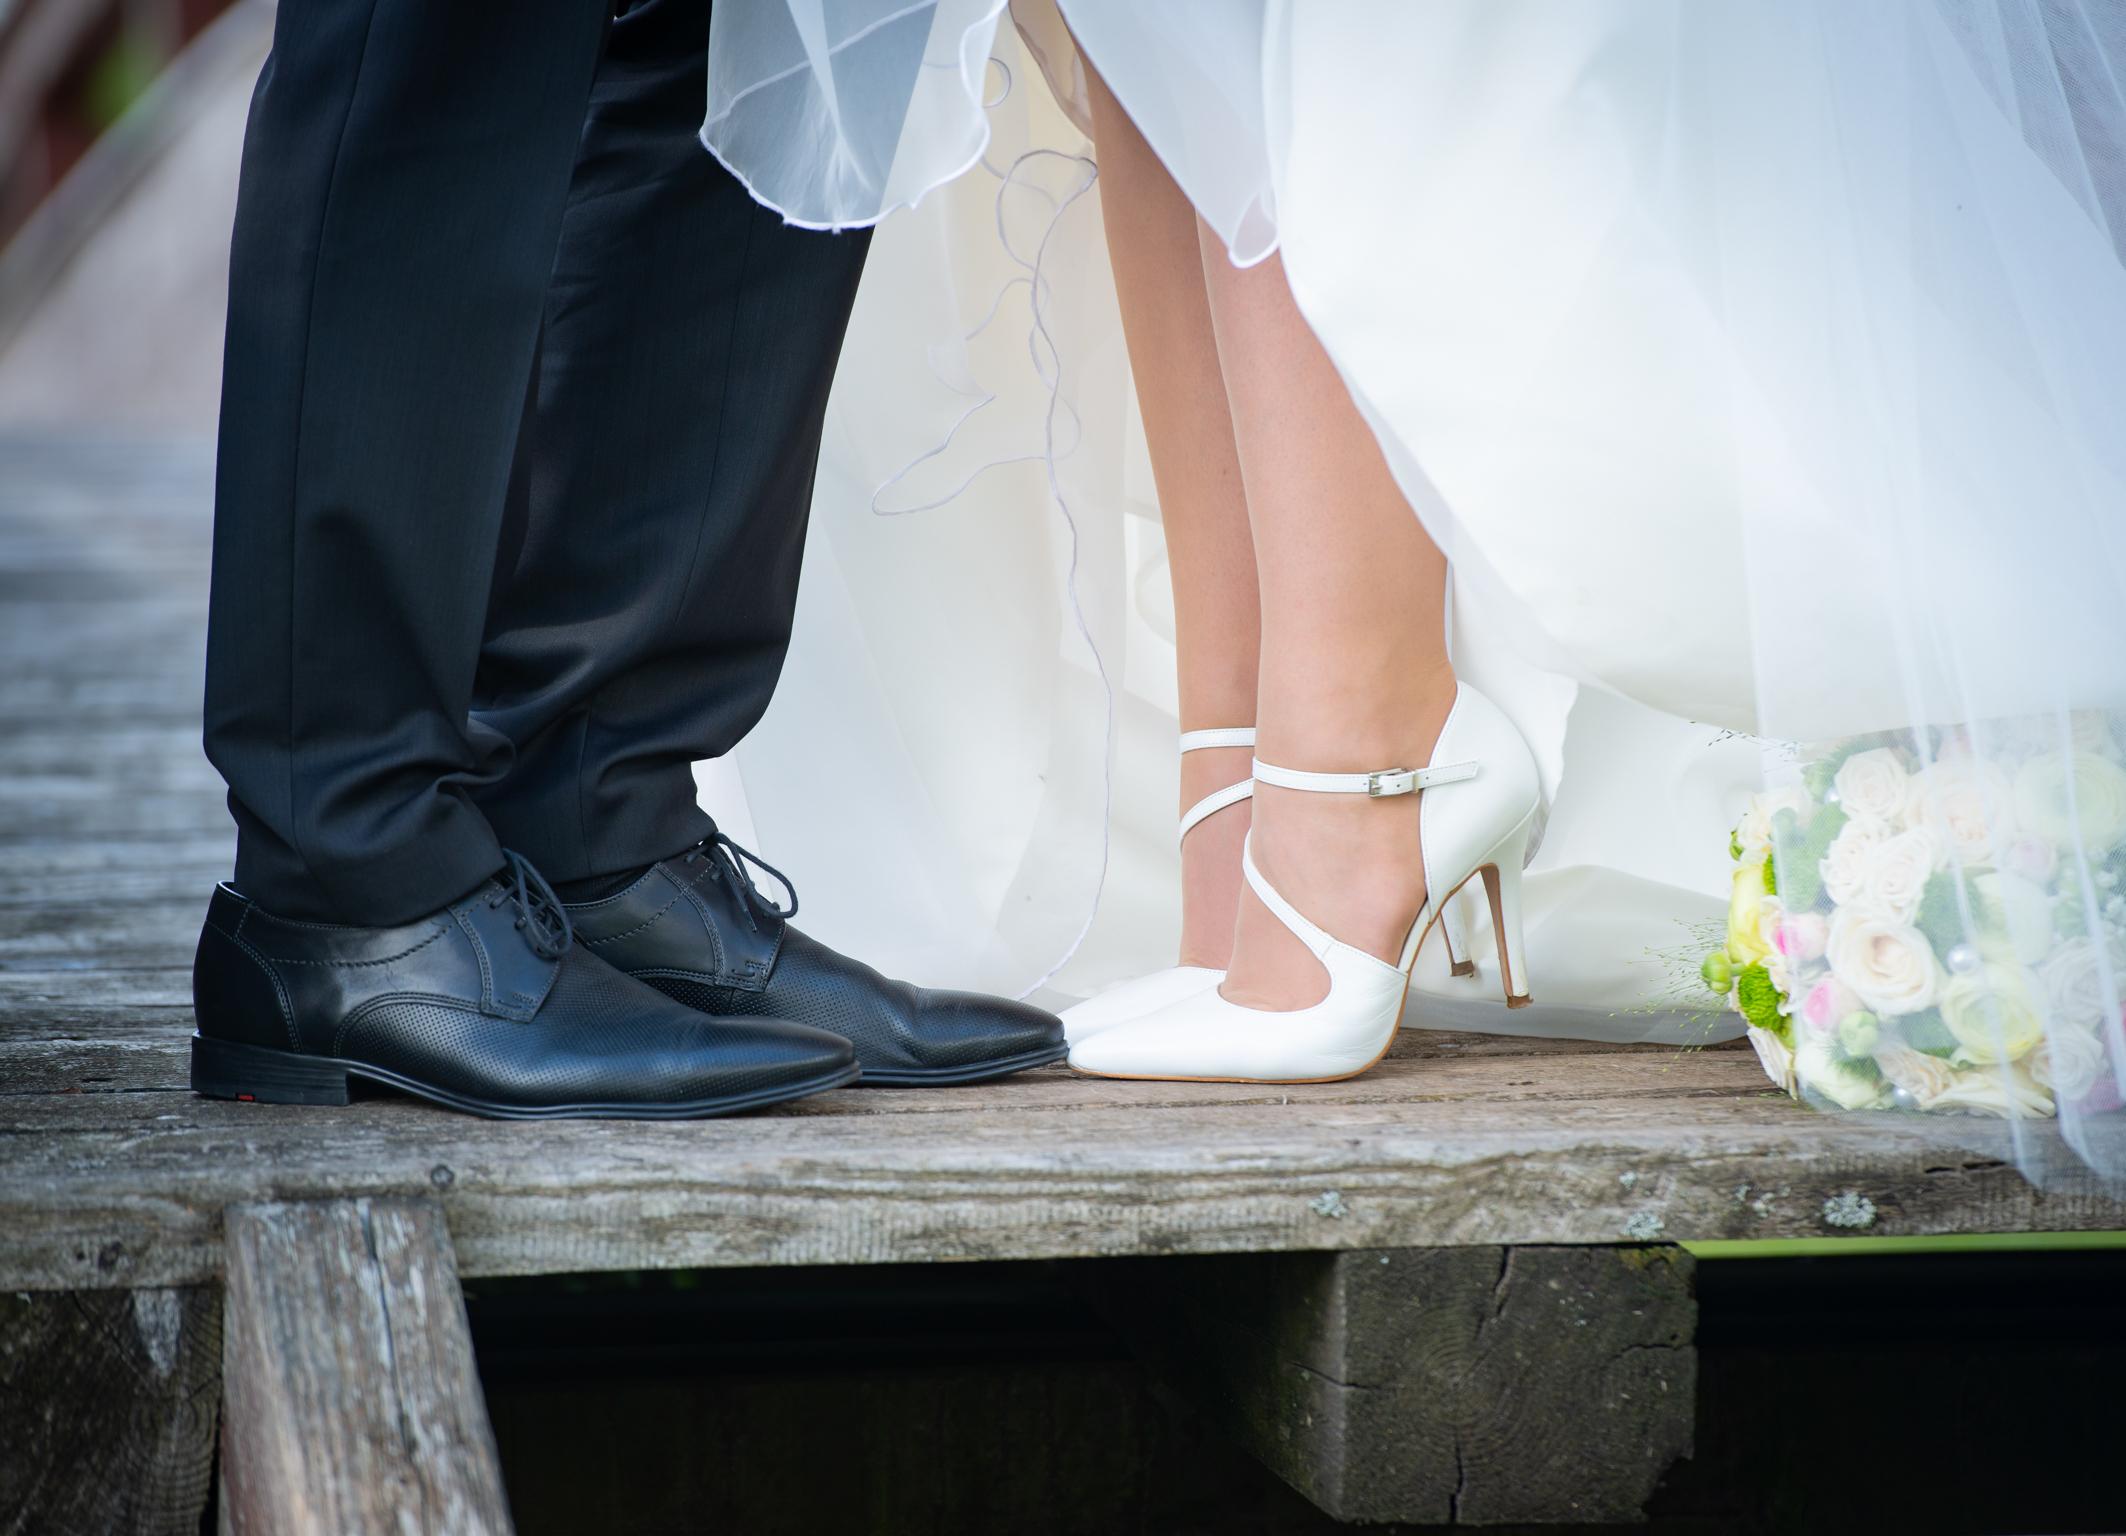 Hochzeit_48.jpg